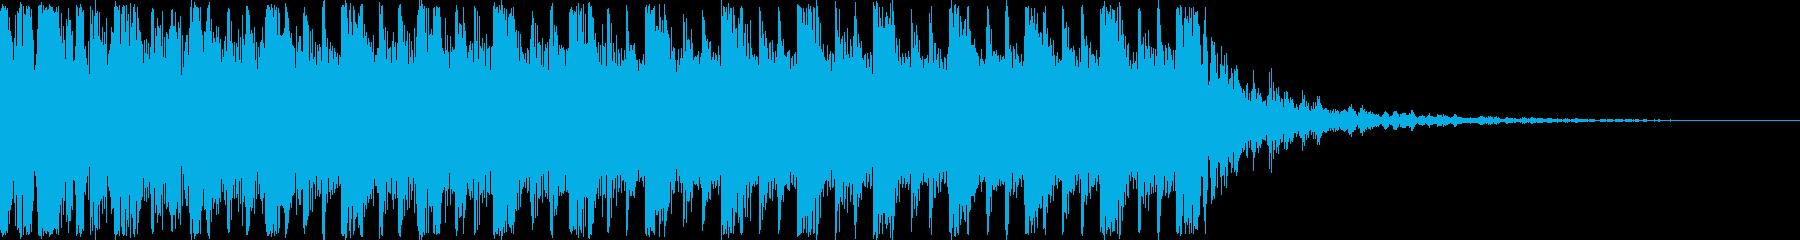 クイズに使えそうなシネマティックジングルの再生済みの波形